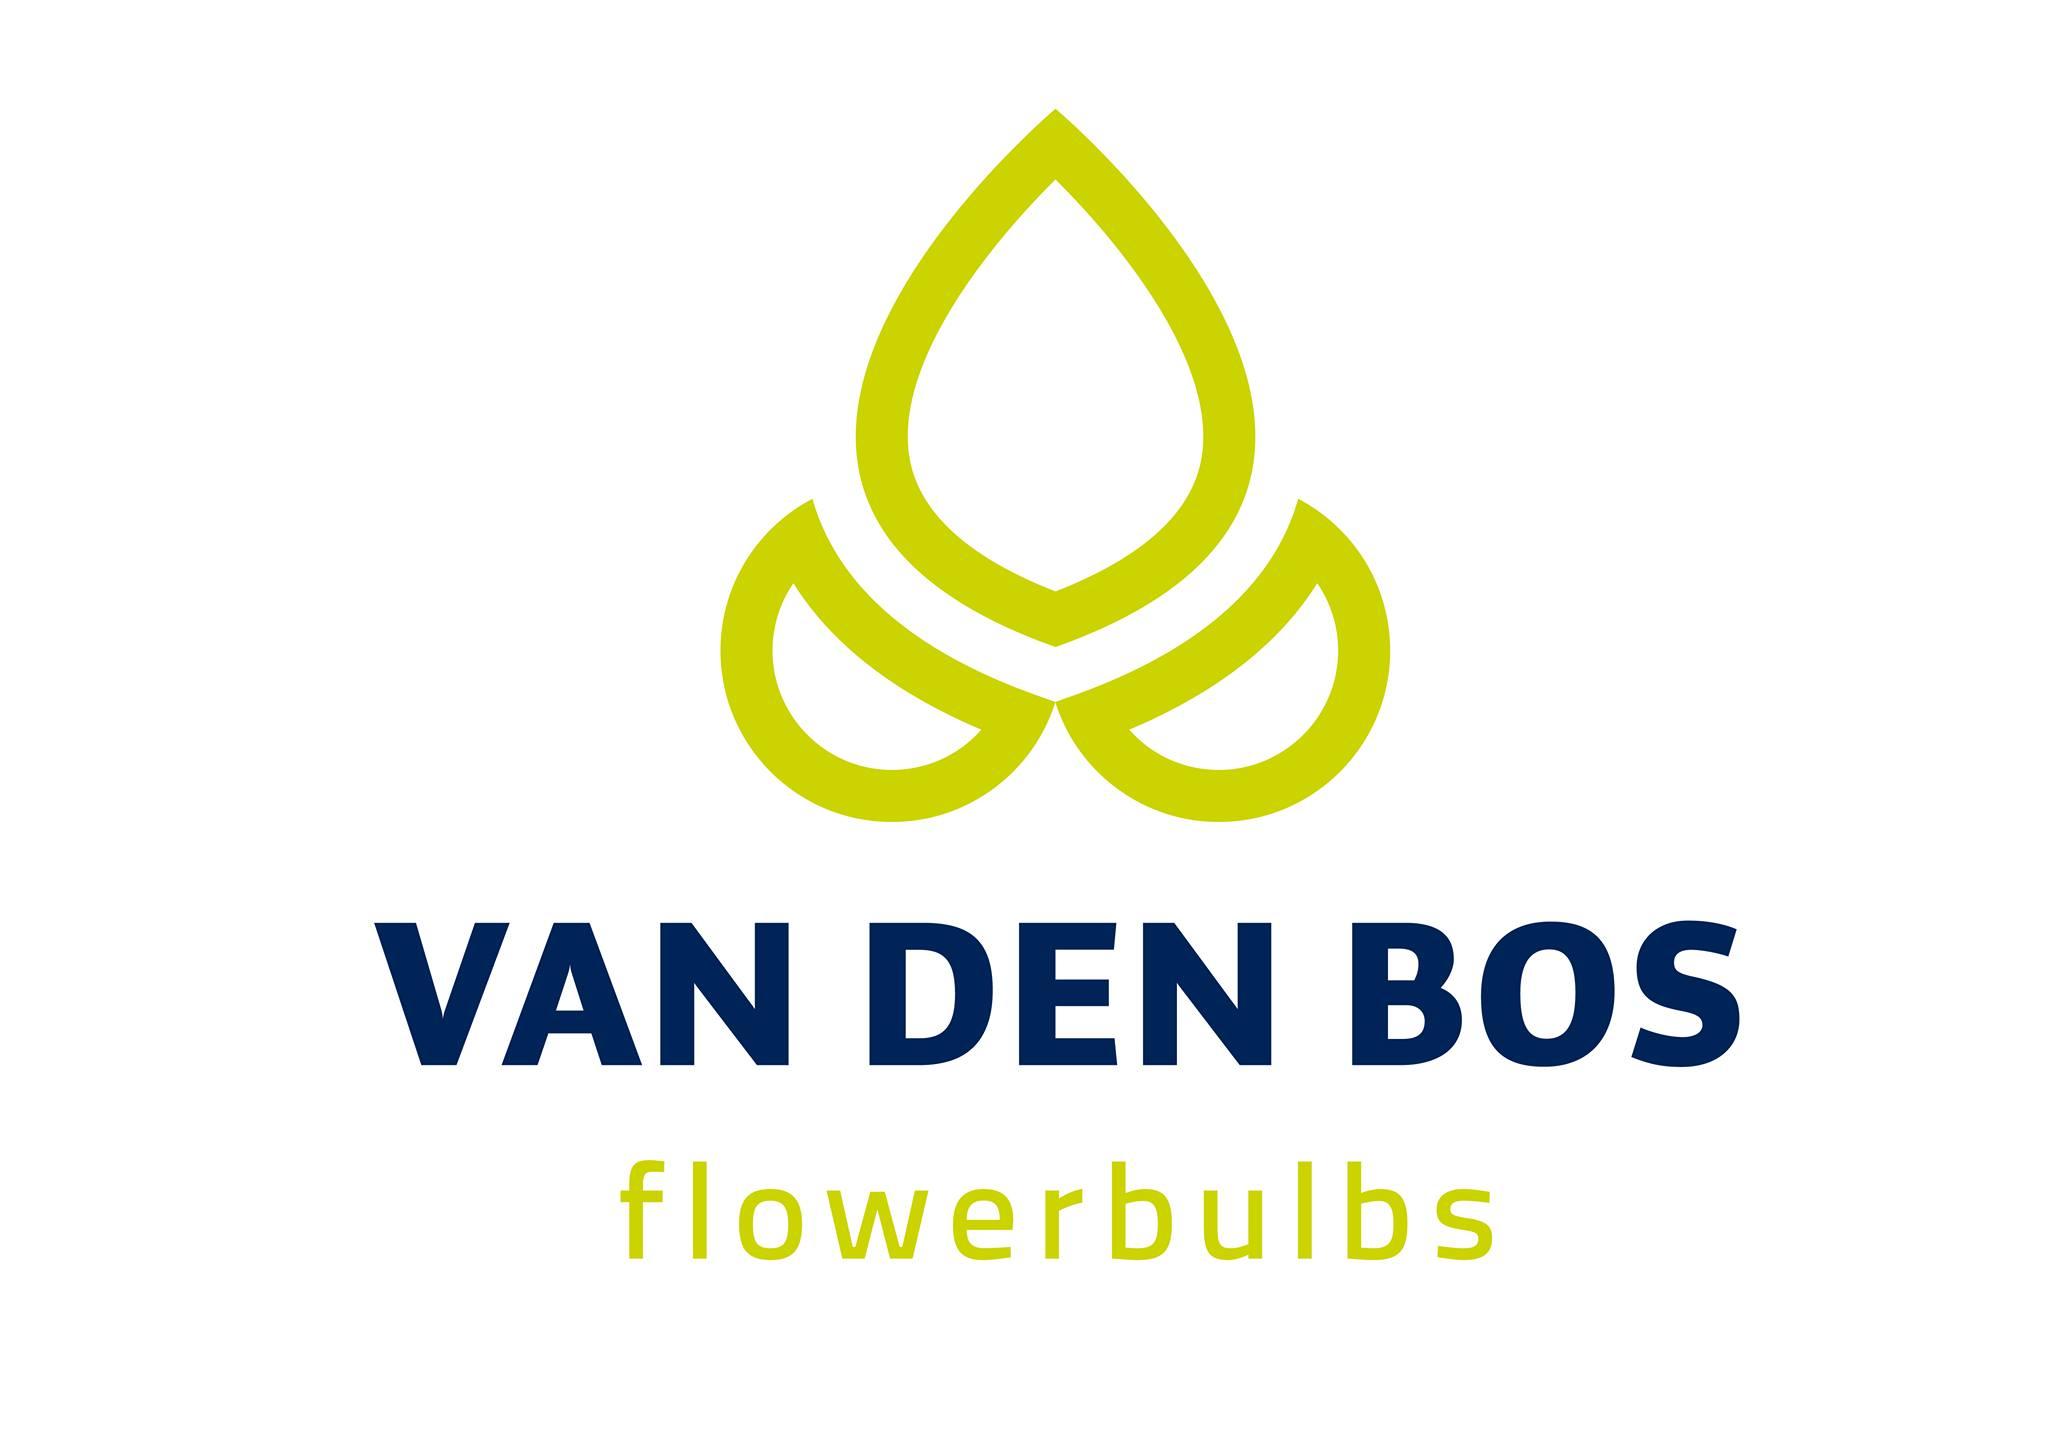 Van den Bos Flowerbulbs B.V.